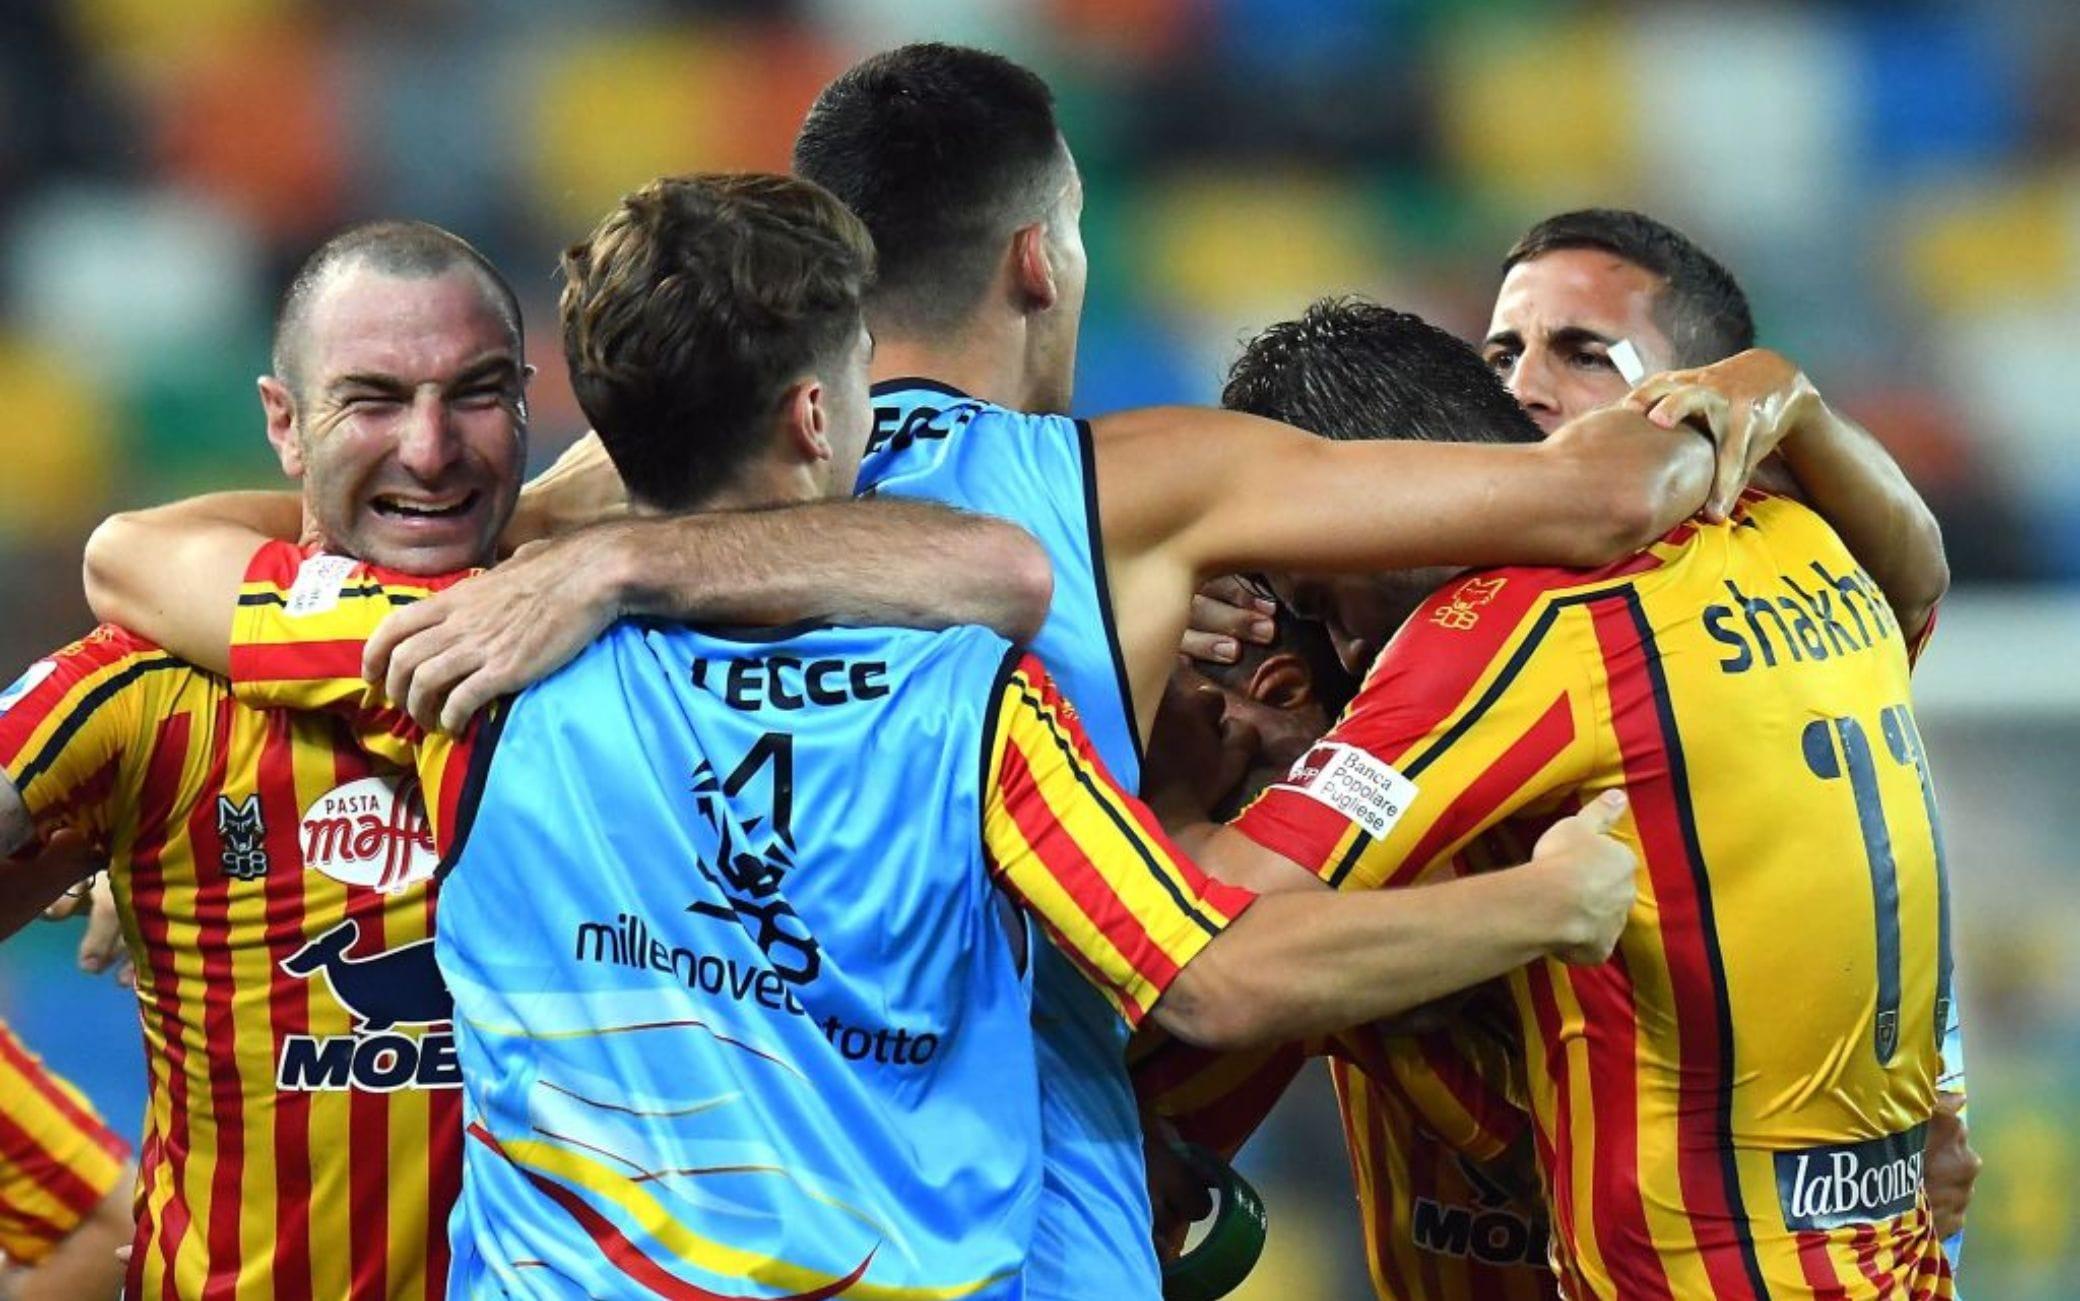 Risultati Serie A Gol E Highlights Della 37 Giornata Corsa Salvezza Aperta Sky Sport